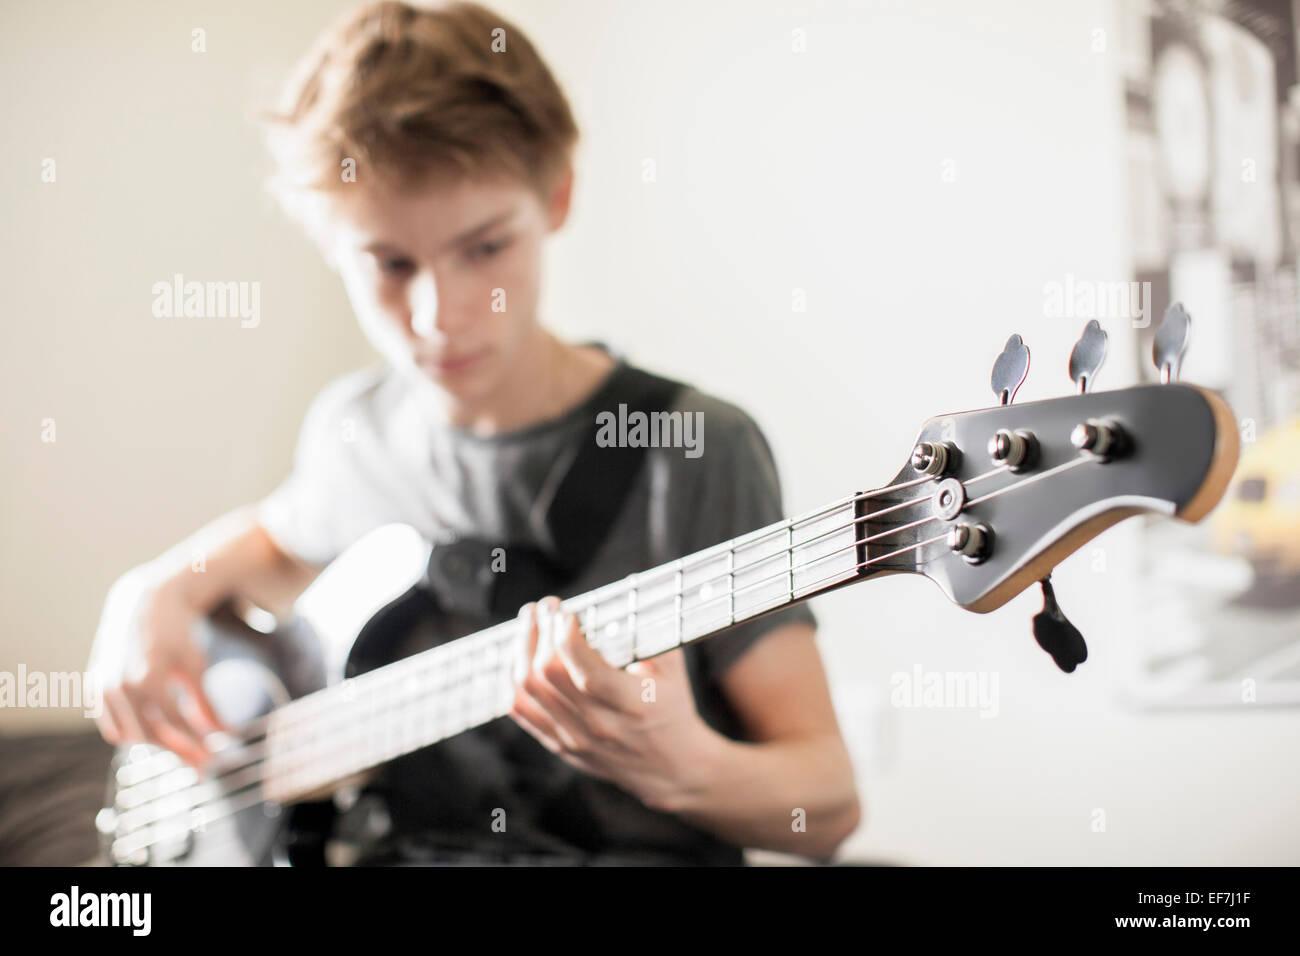 Adolescente tocando una guitarra Imagen De Stock